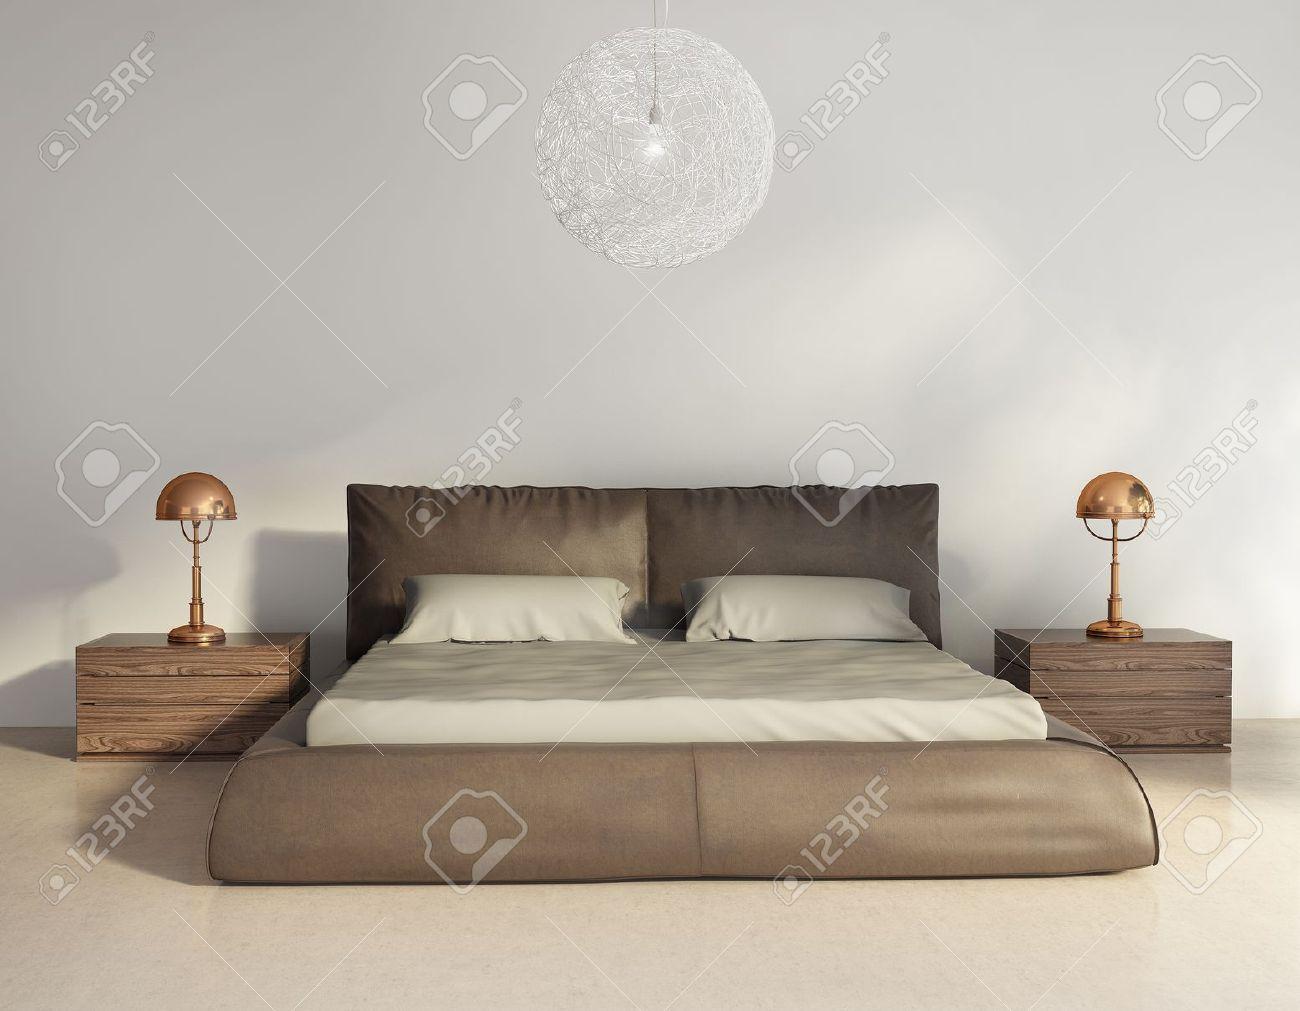 Moderne slaapkamer royalty vrije foto's, plaatjes, beelden en ...